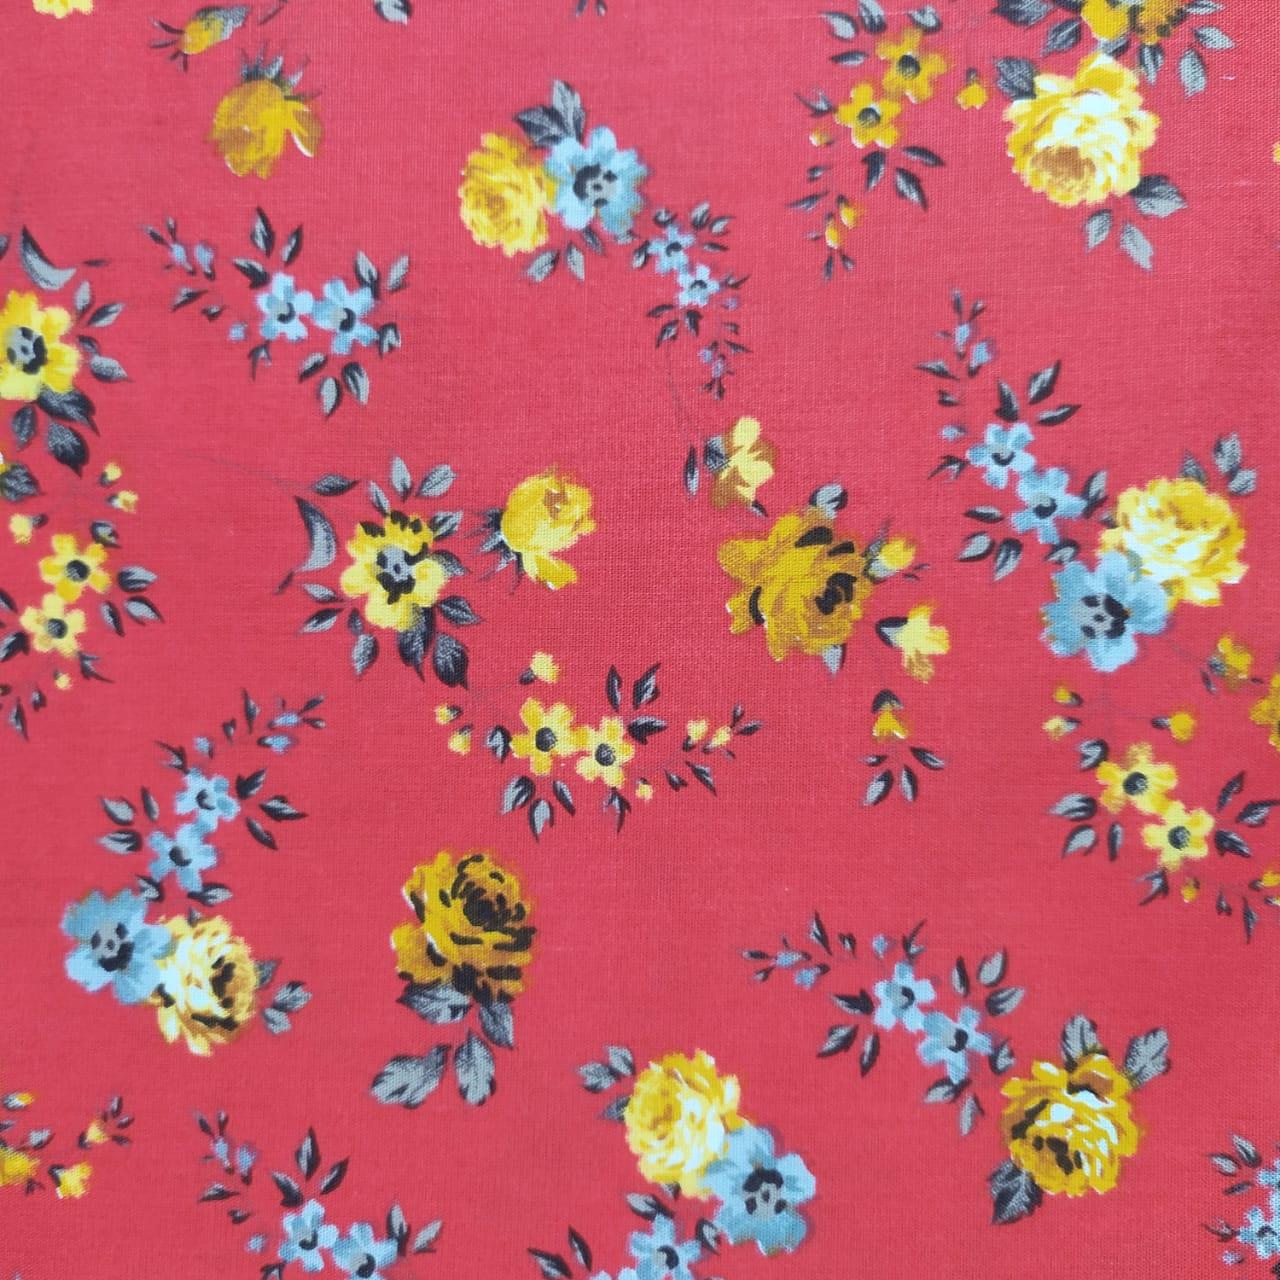 Tecido Tricoline Florzinha Amarela e Cinza Fundo Vermelho